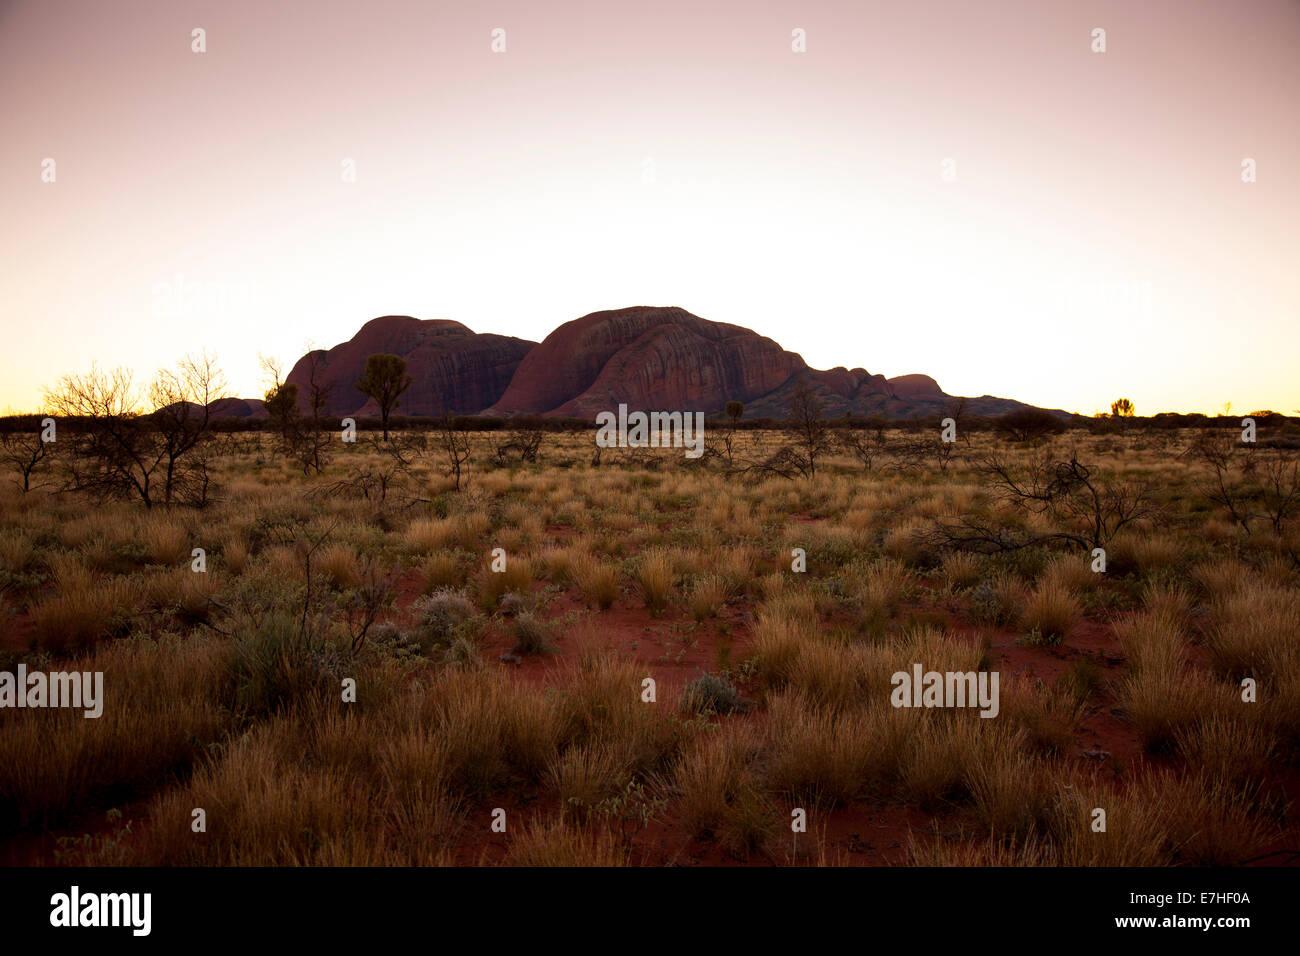 The Olgas, Uluru-Kata Tjuta National Park, Northern Territory, Australia - Stock Image